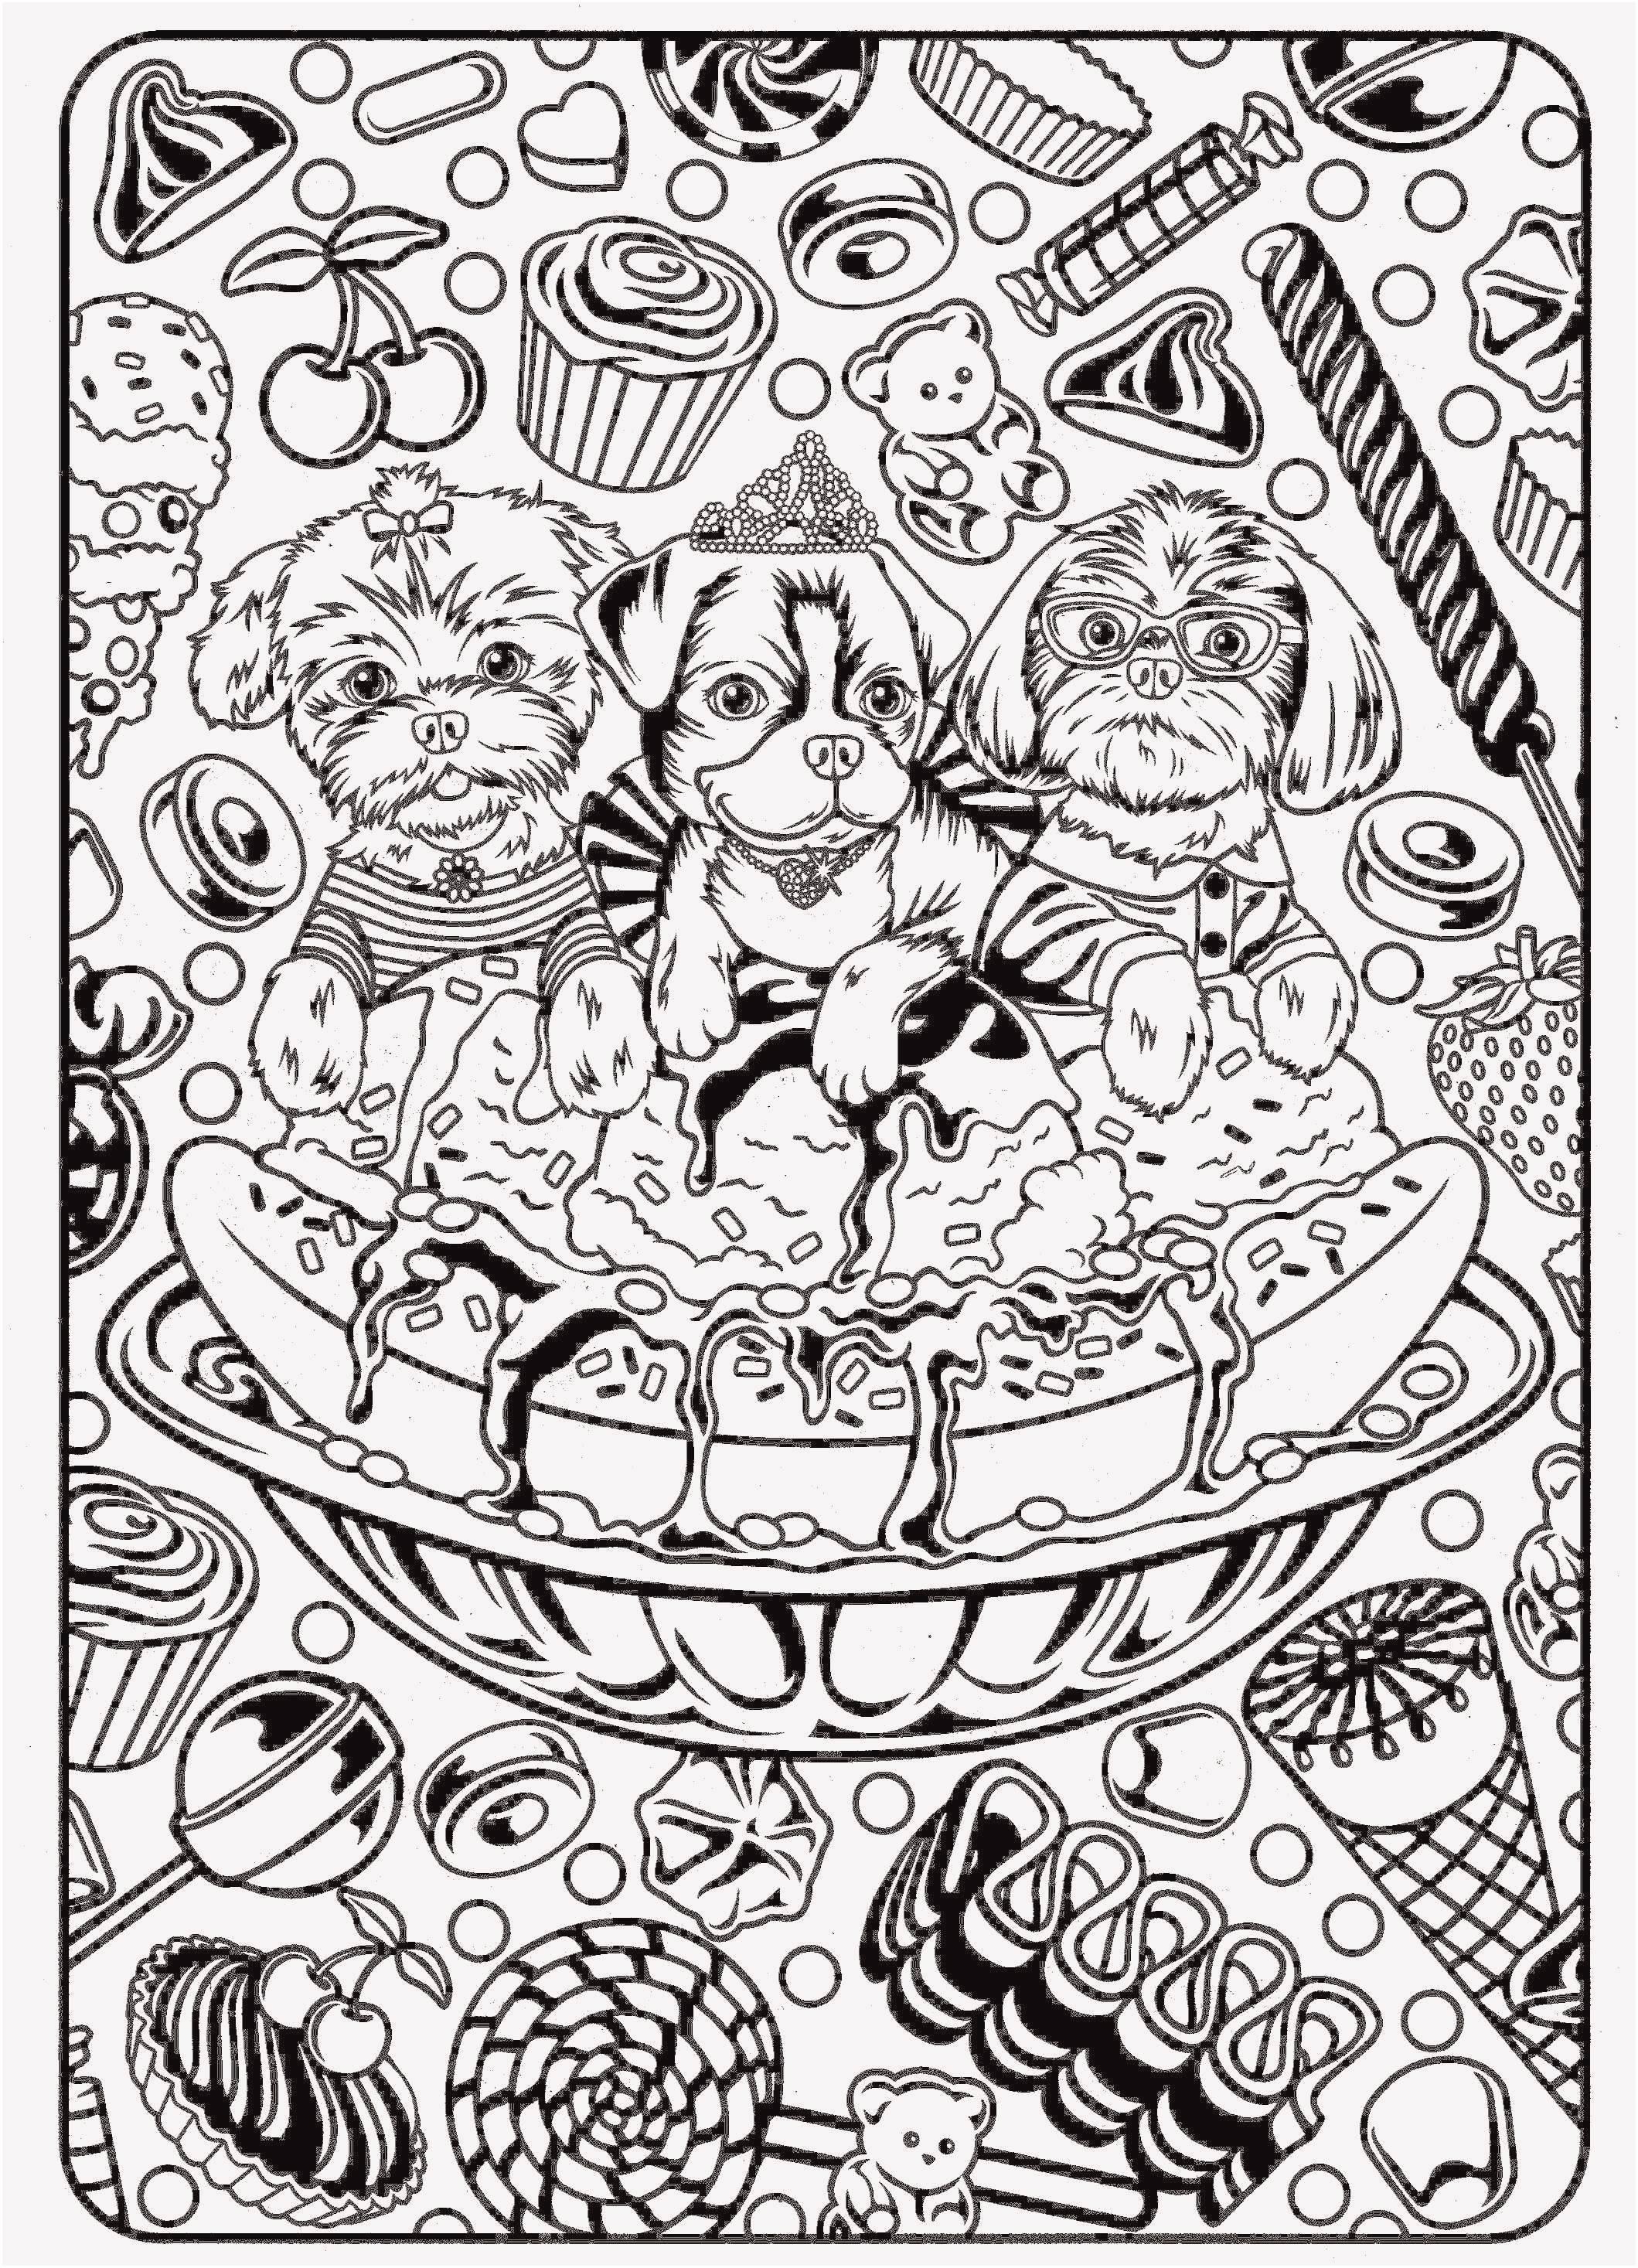 Hello Kitty Ausmalbild Frisch 40 Fantastisch Hello Kitty Malvorlage – Große Coloring Page Sammlung Das Bild